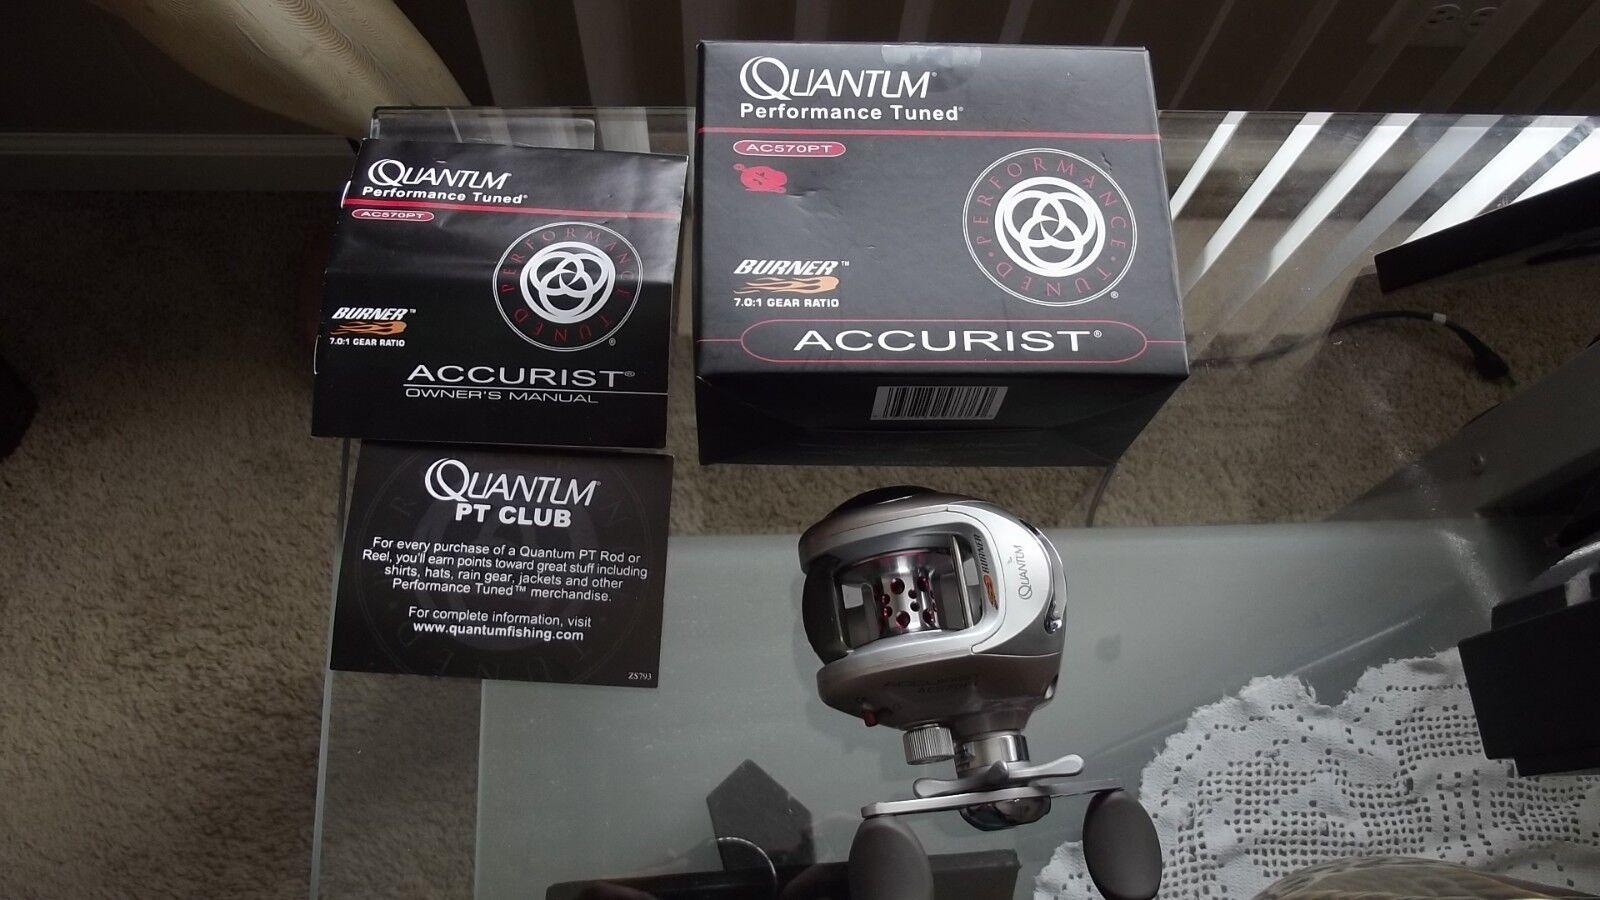 New Quantum AC570PT Accurist Burner Bait Casting Reel